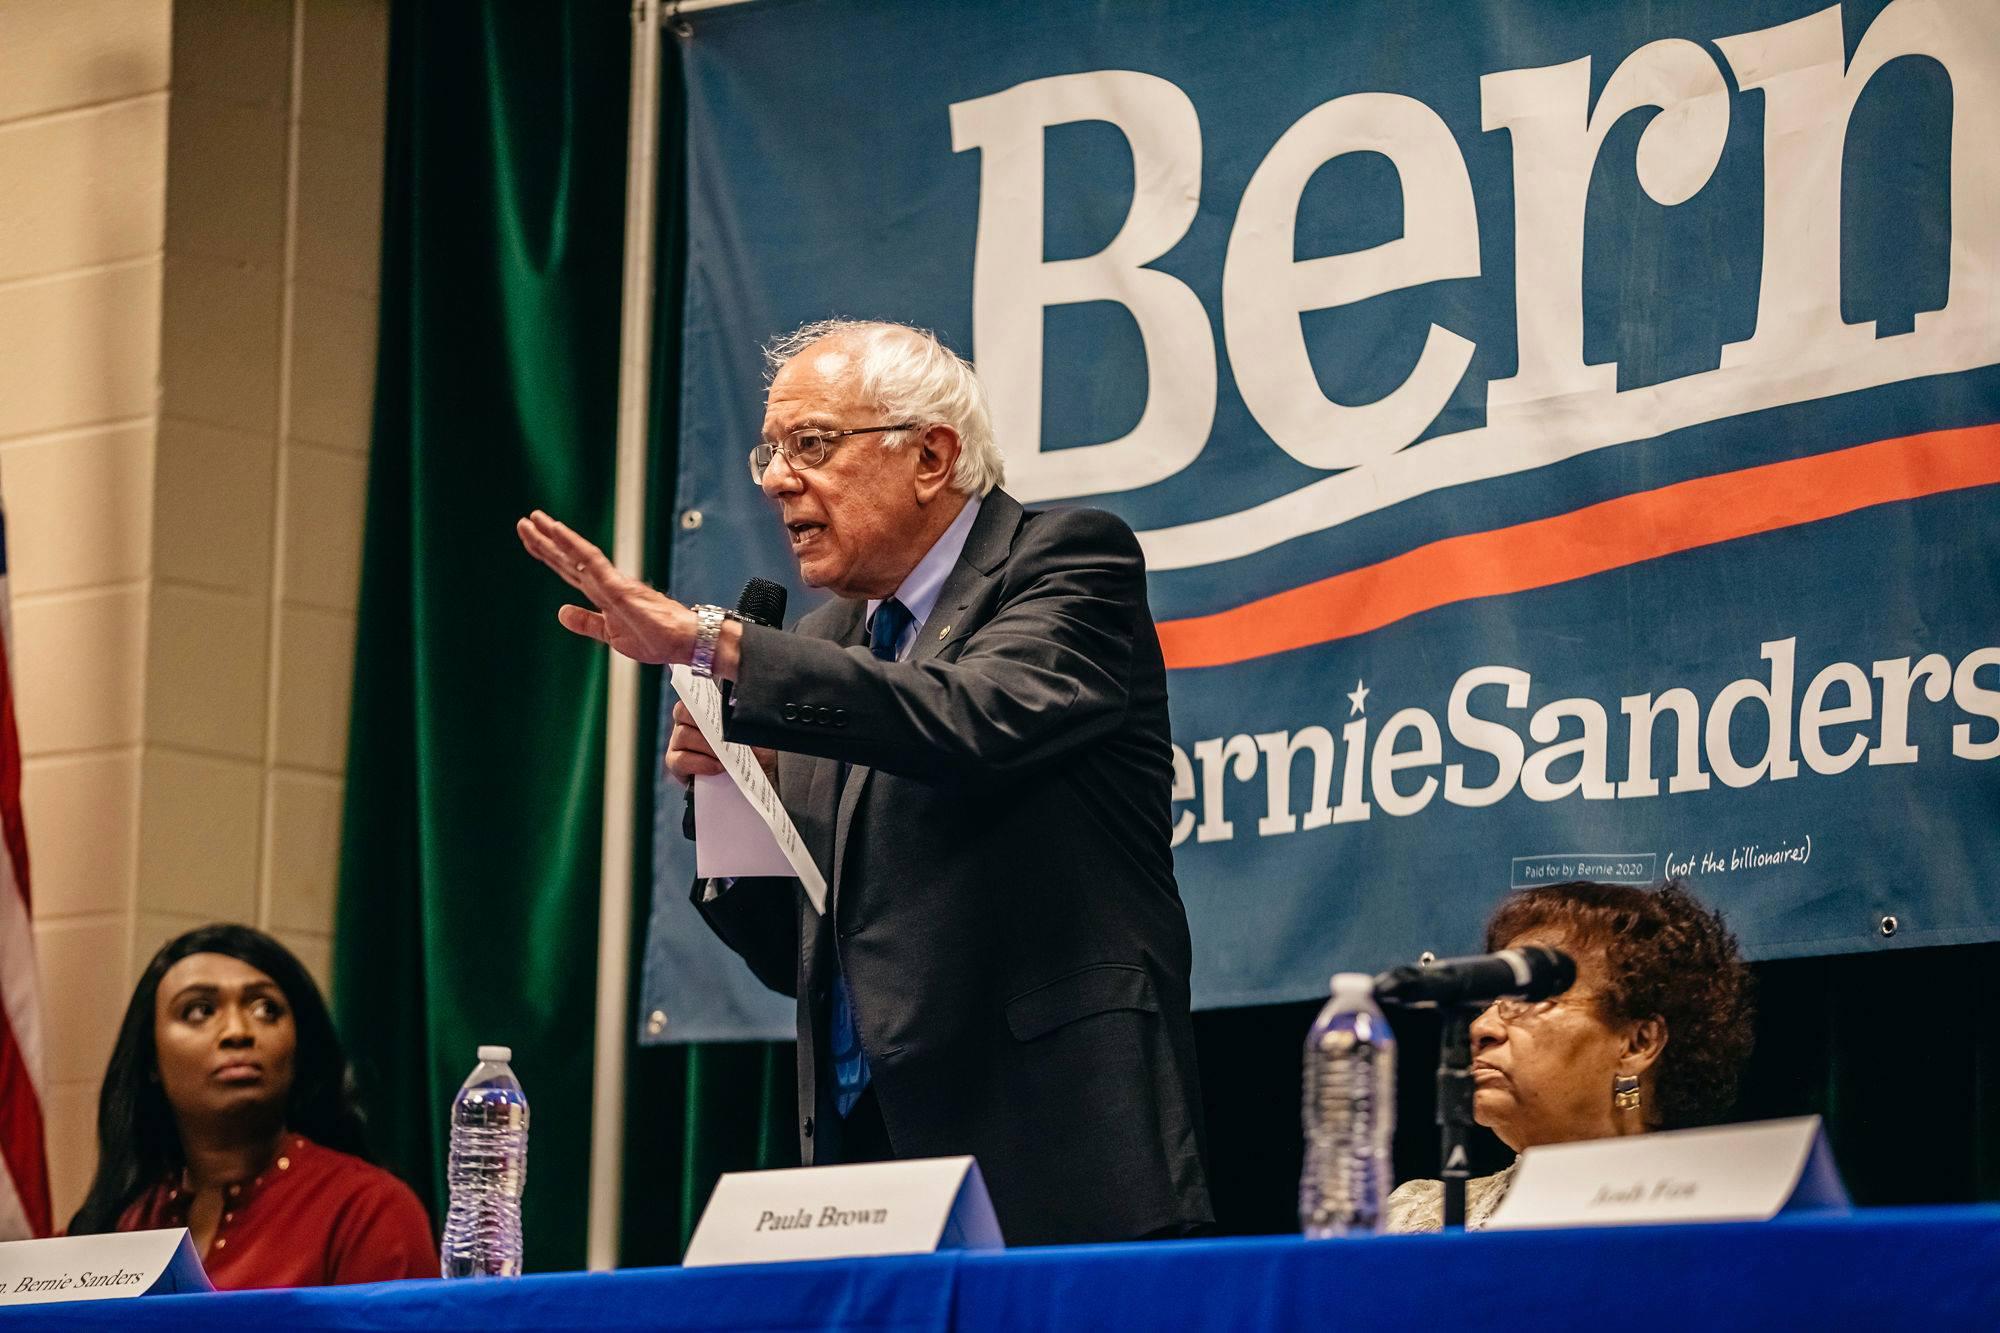 Image via Bernie Sanders Facebook.